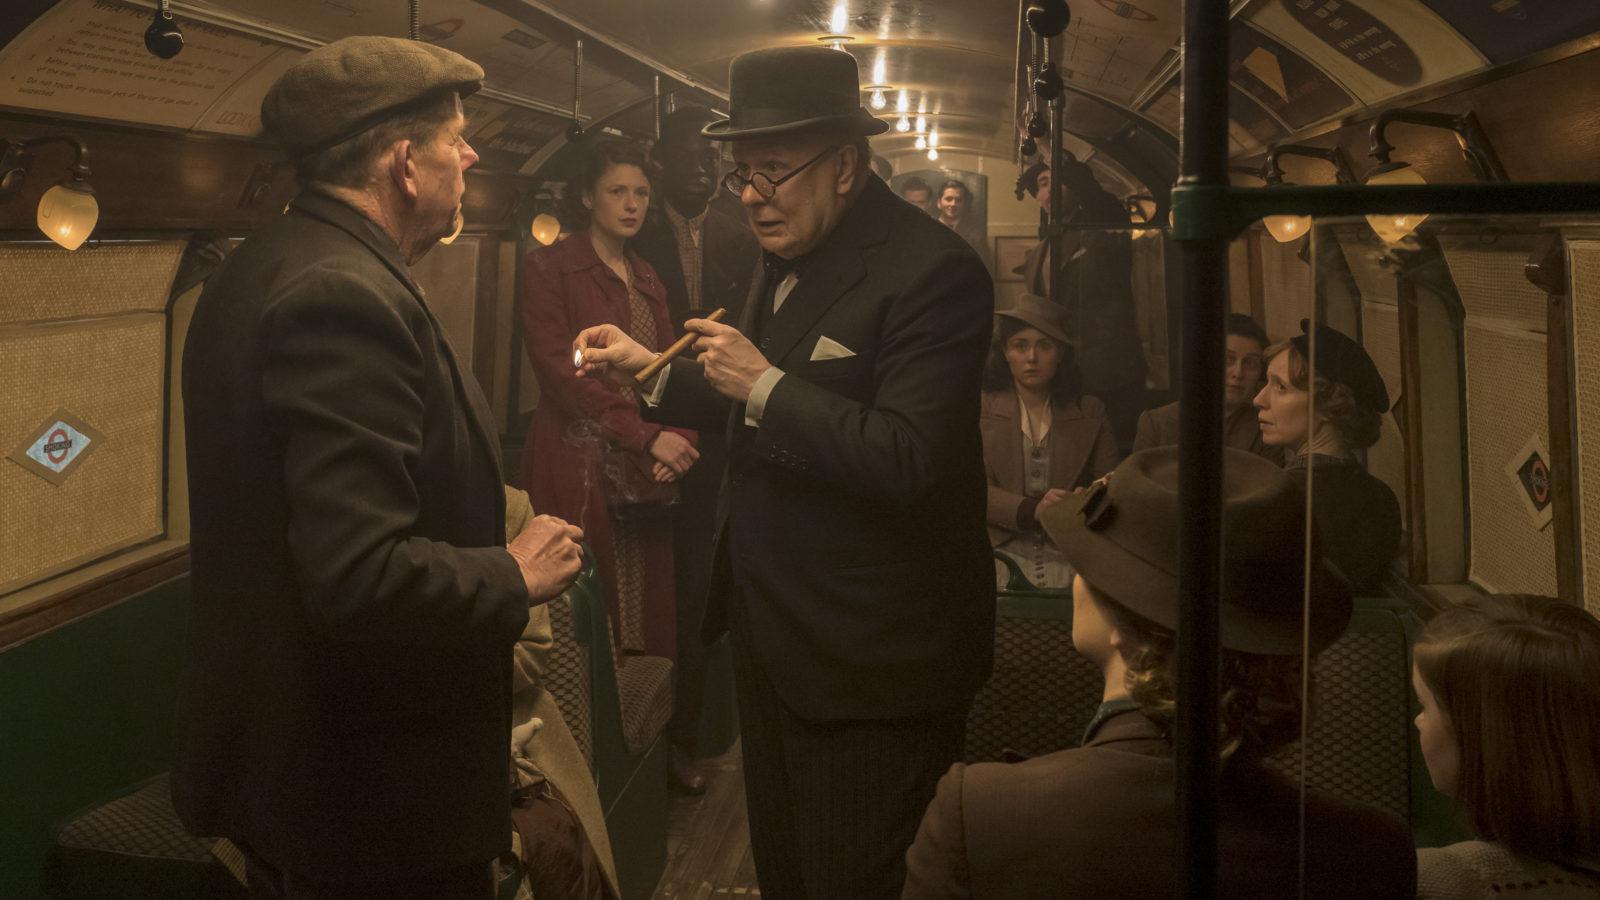 Winston Churchill rides the London underground in  Darkest Hour